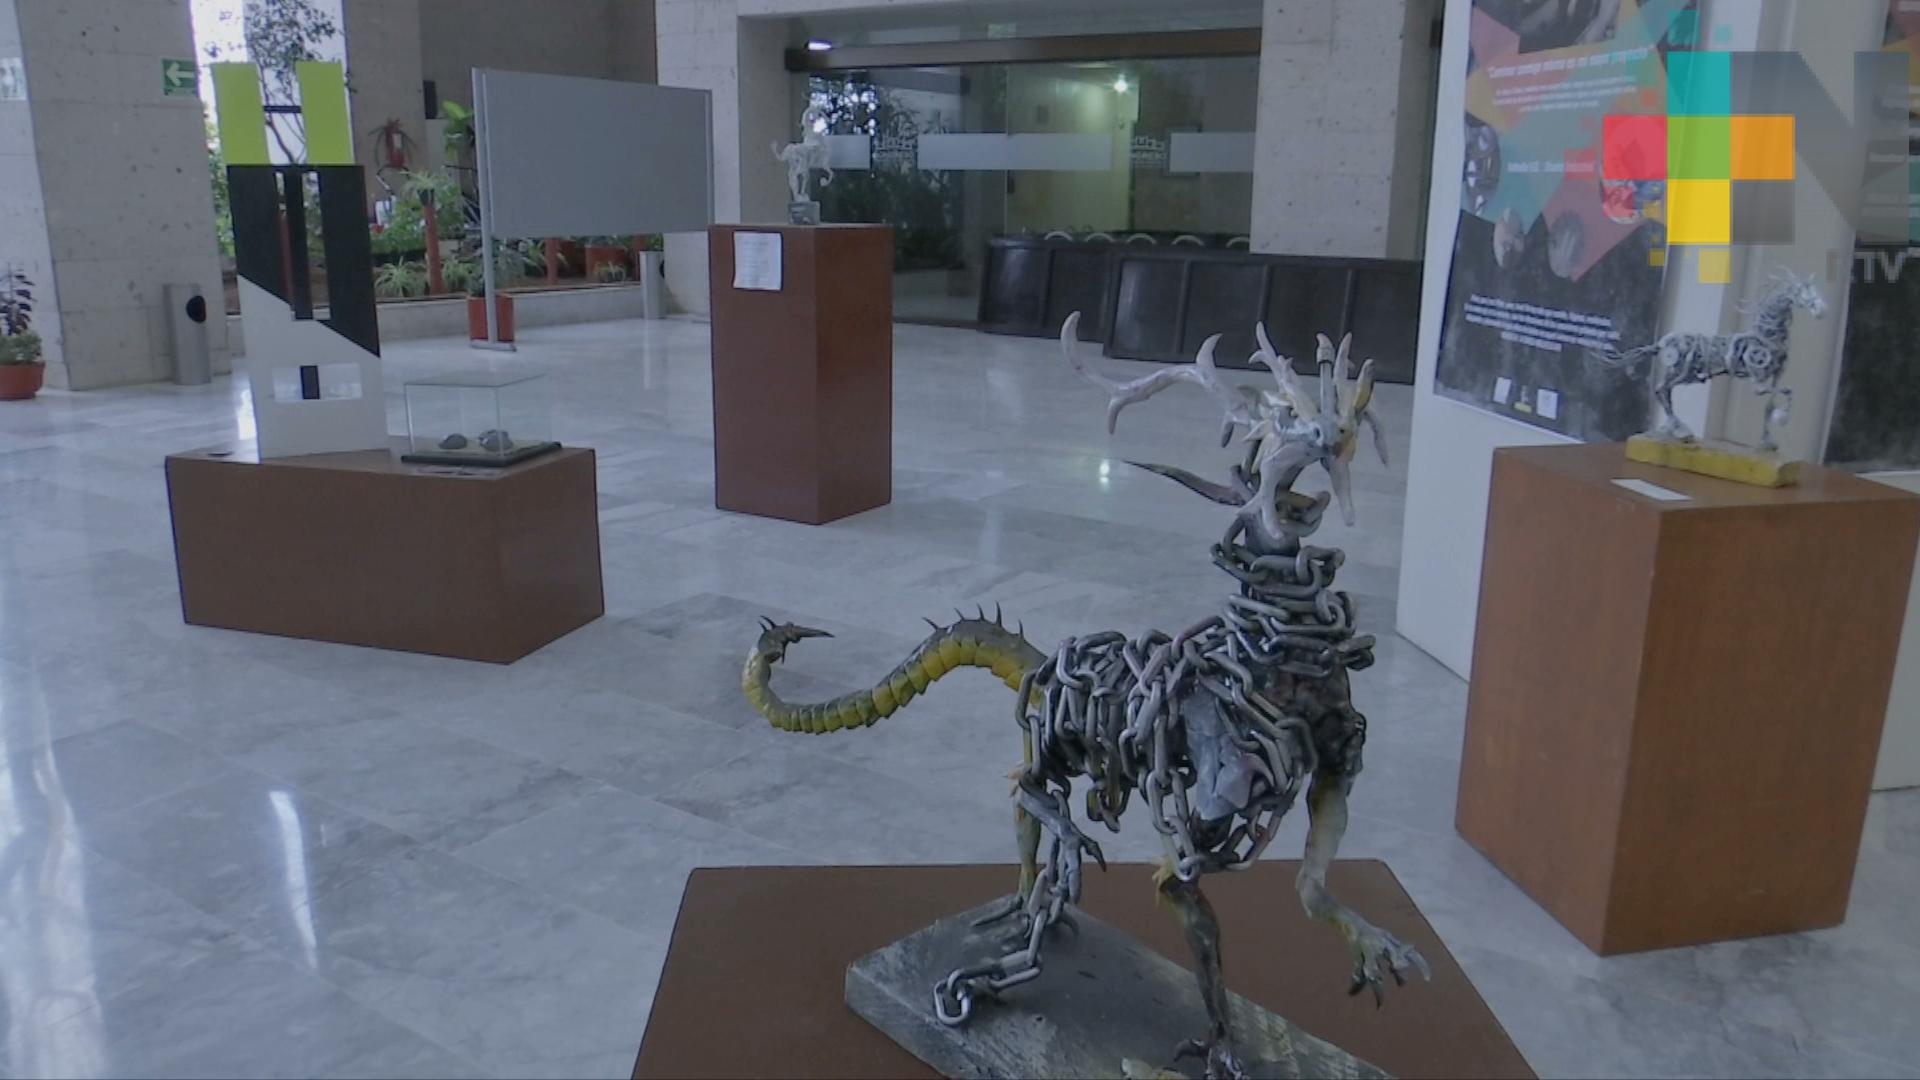 Dragones, en la Exposición de Escultura y Diseño Industrial del Congreso del Estado